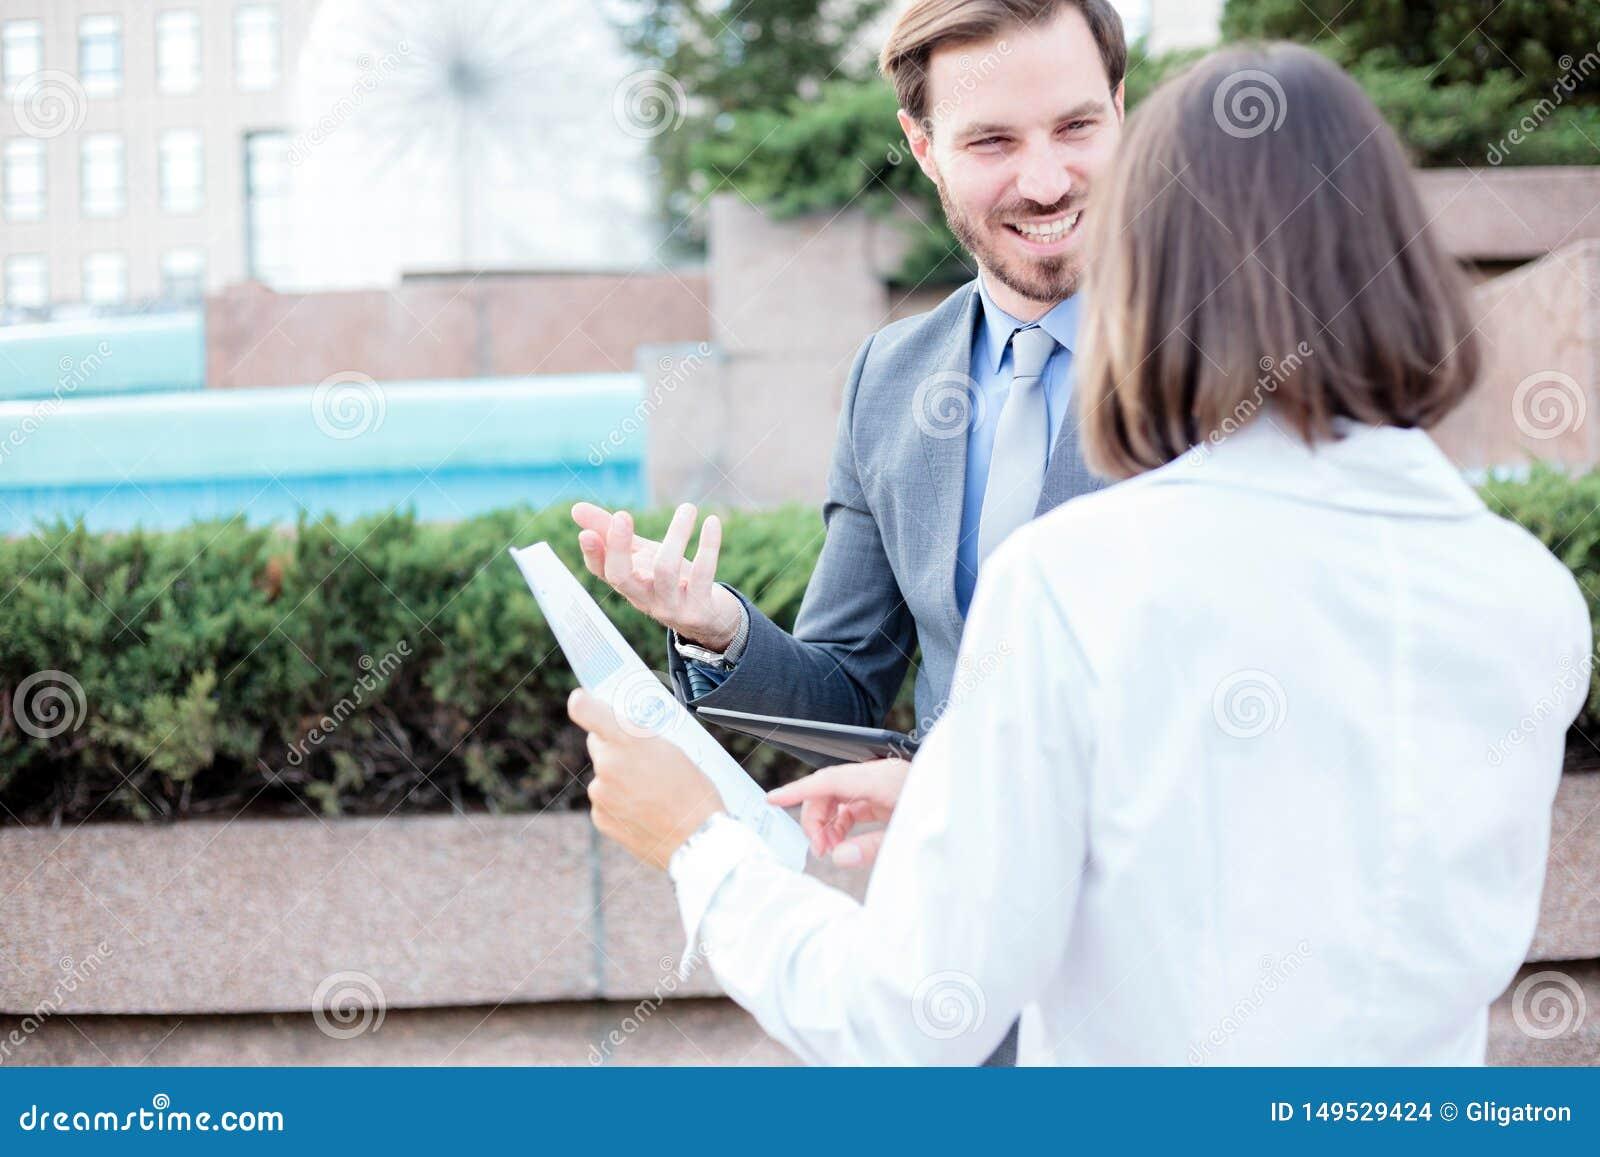 Homem novo bem sucedido e executivos fêmeas que falam na frente de um prédio de escritórios, tendo uma reunião e discutindo